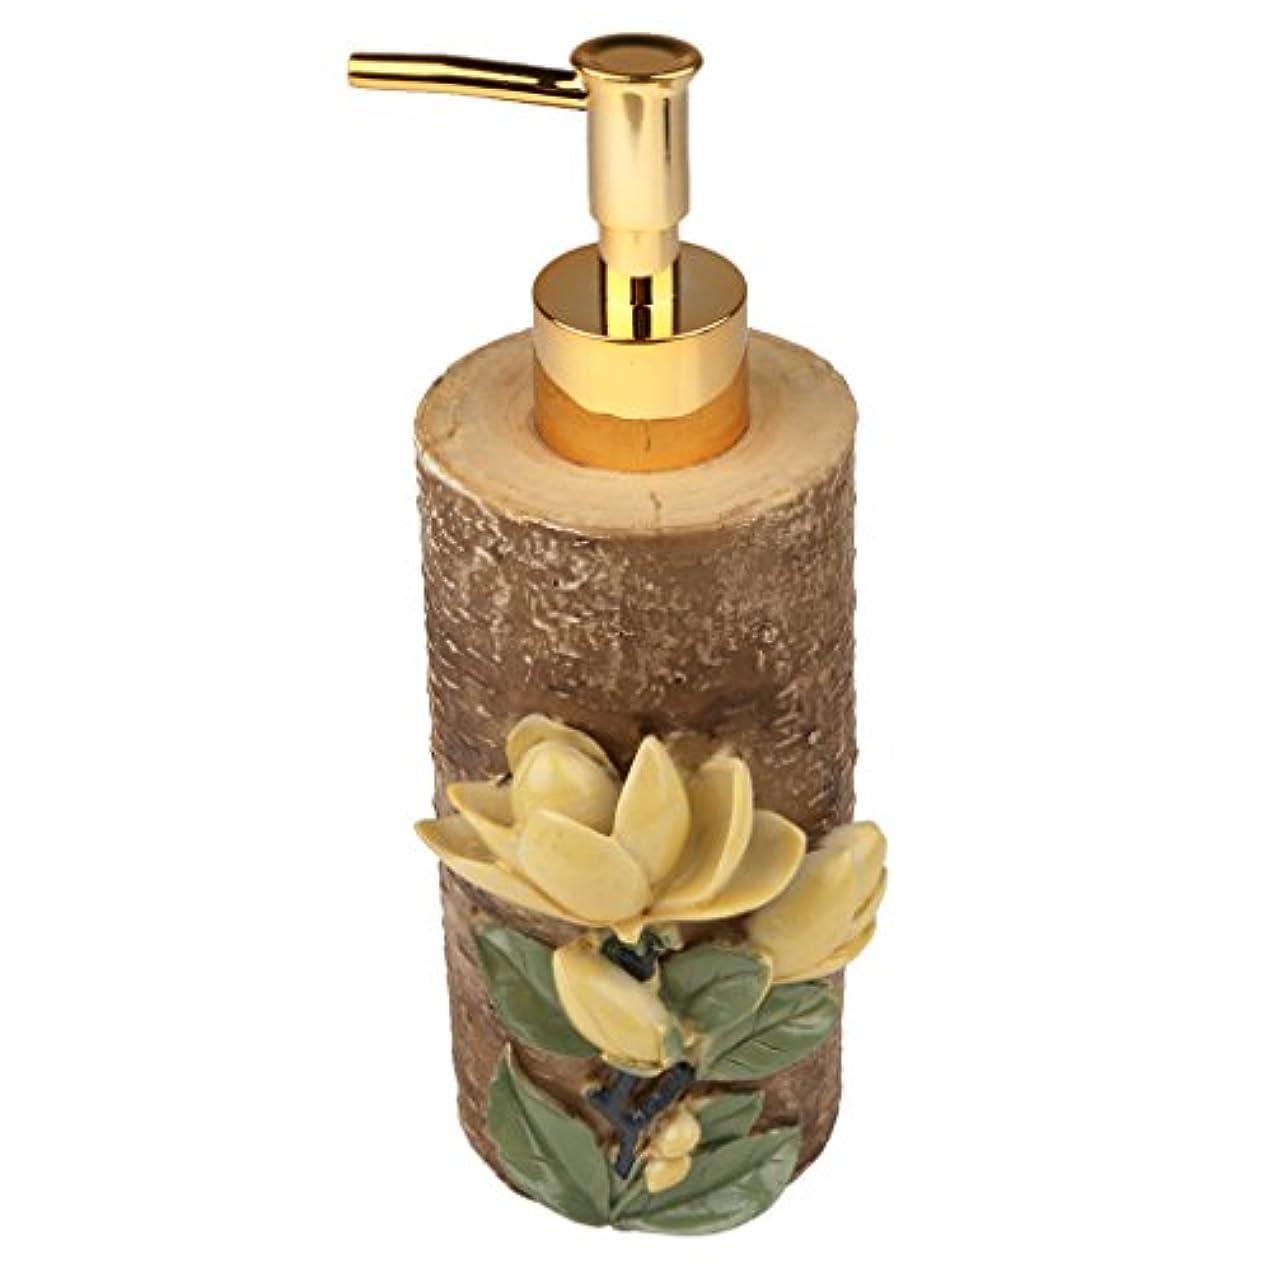 一回プレフィックスリル液体ソープ シャンプー用 空 シャンプー ボトル 詰め替えボトル 美しい エレガント デザイン 全4種類 - #4